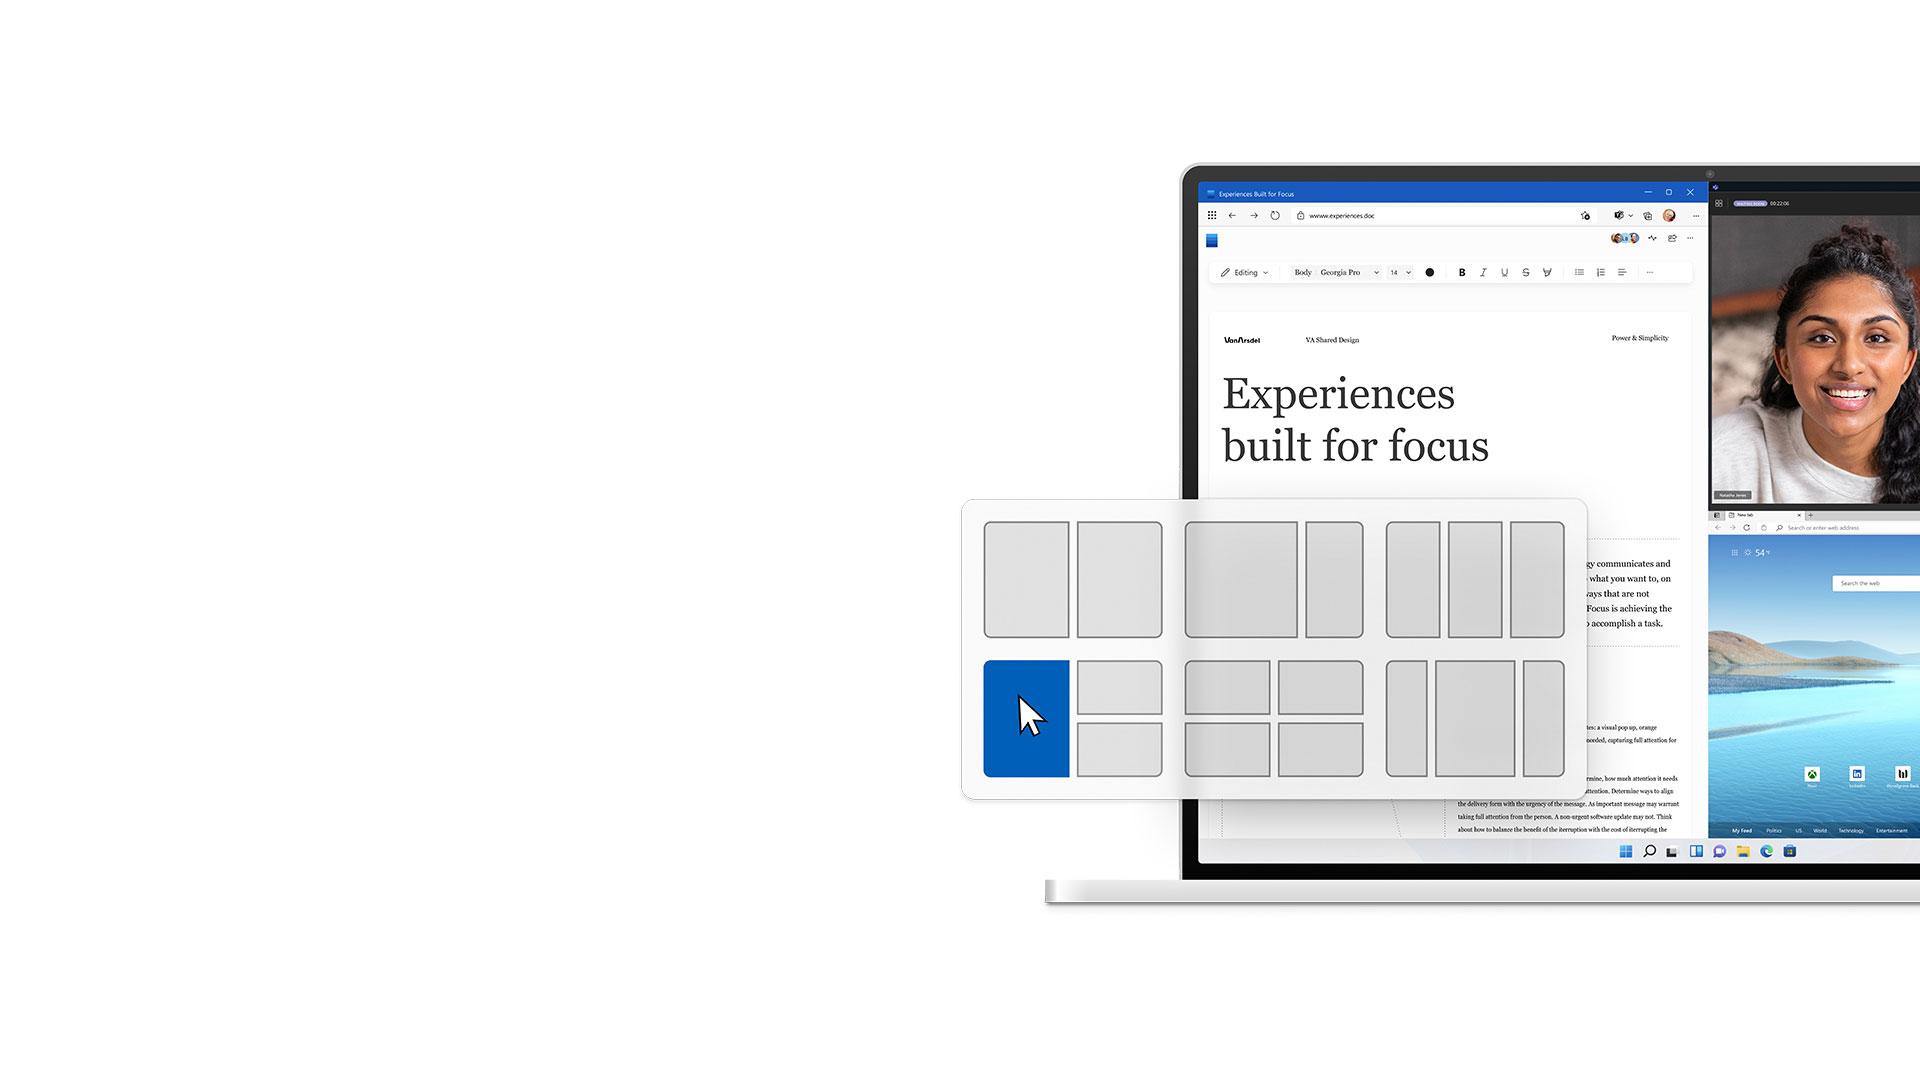 คุณลักษณะสแนปของ Windows 11 กำลังแสดงแอปพลิเคชัน 3 แอปบนหน้าจอเดียว